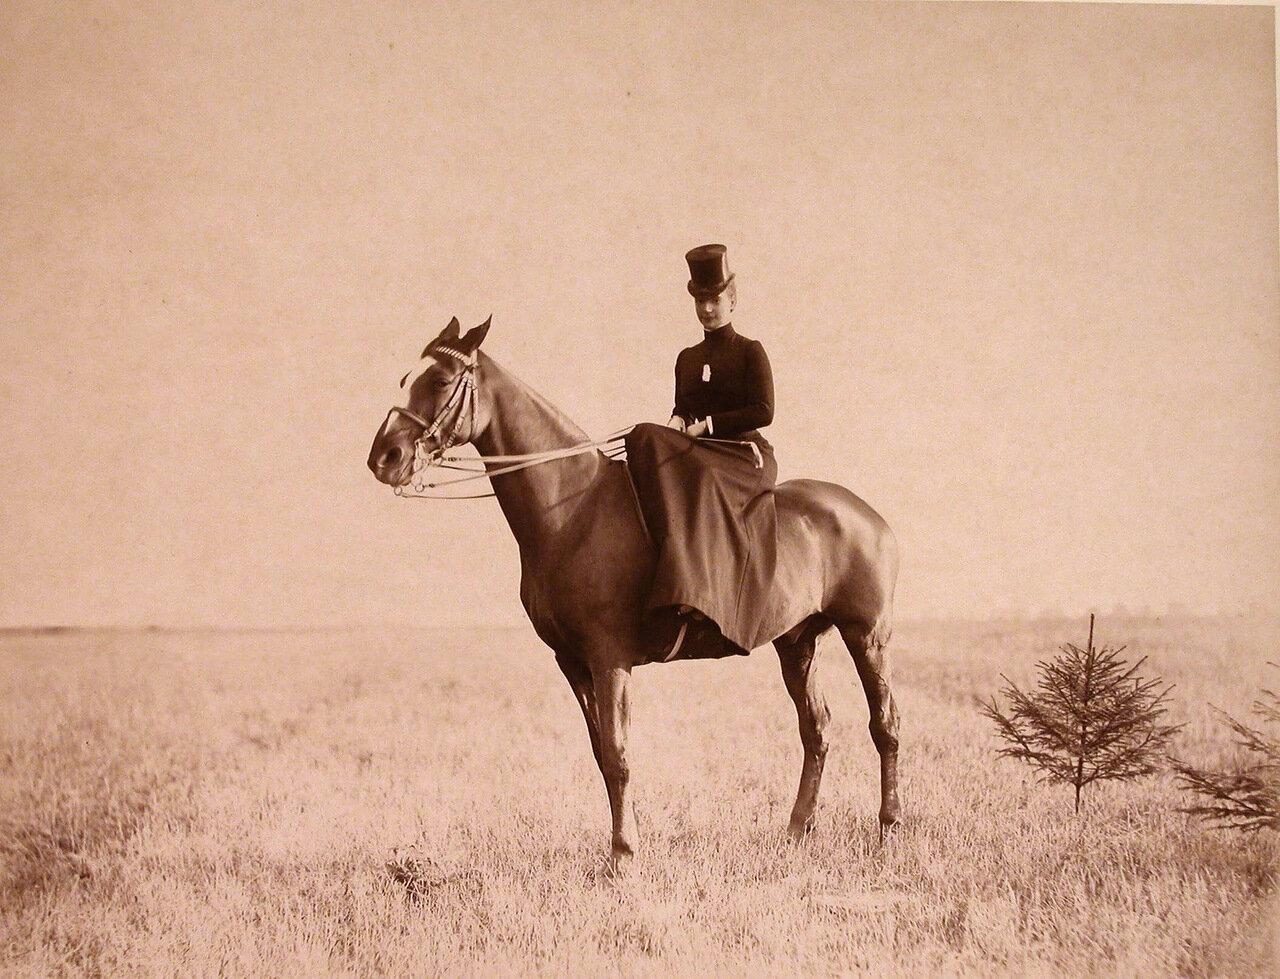 10. Императрица Мария Федоровна во время прогулки верхом на лошади